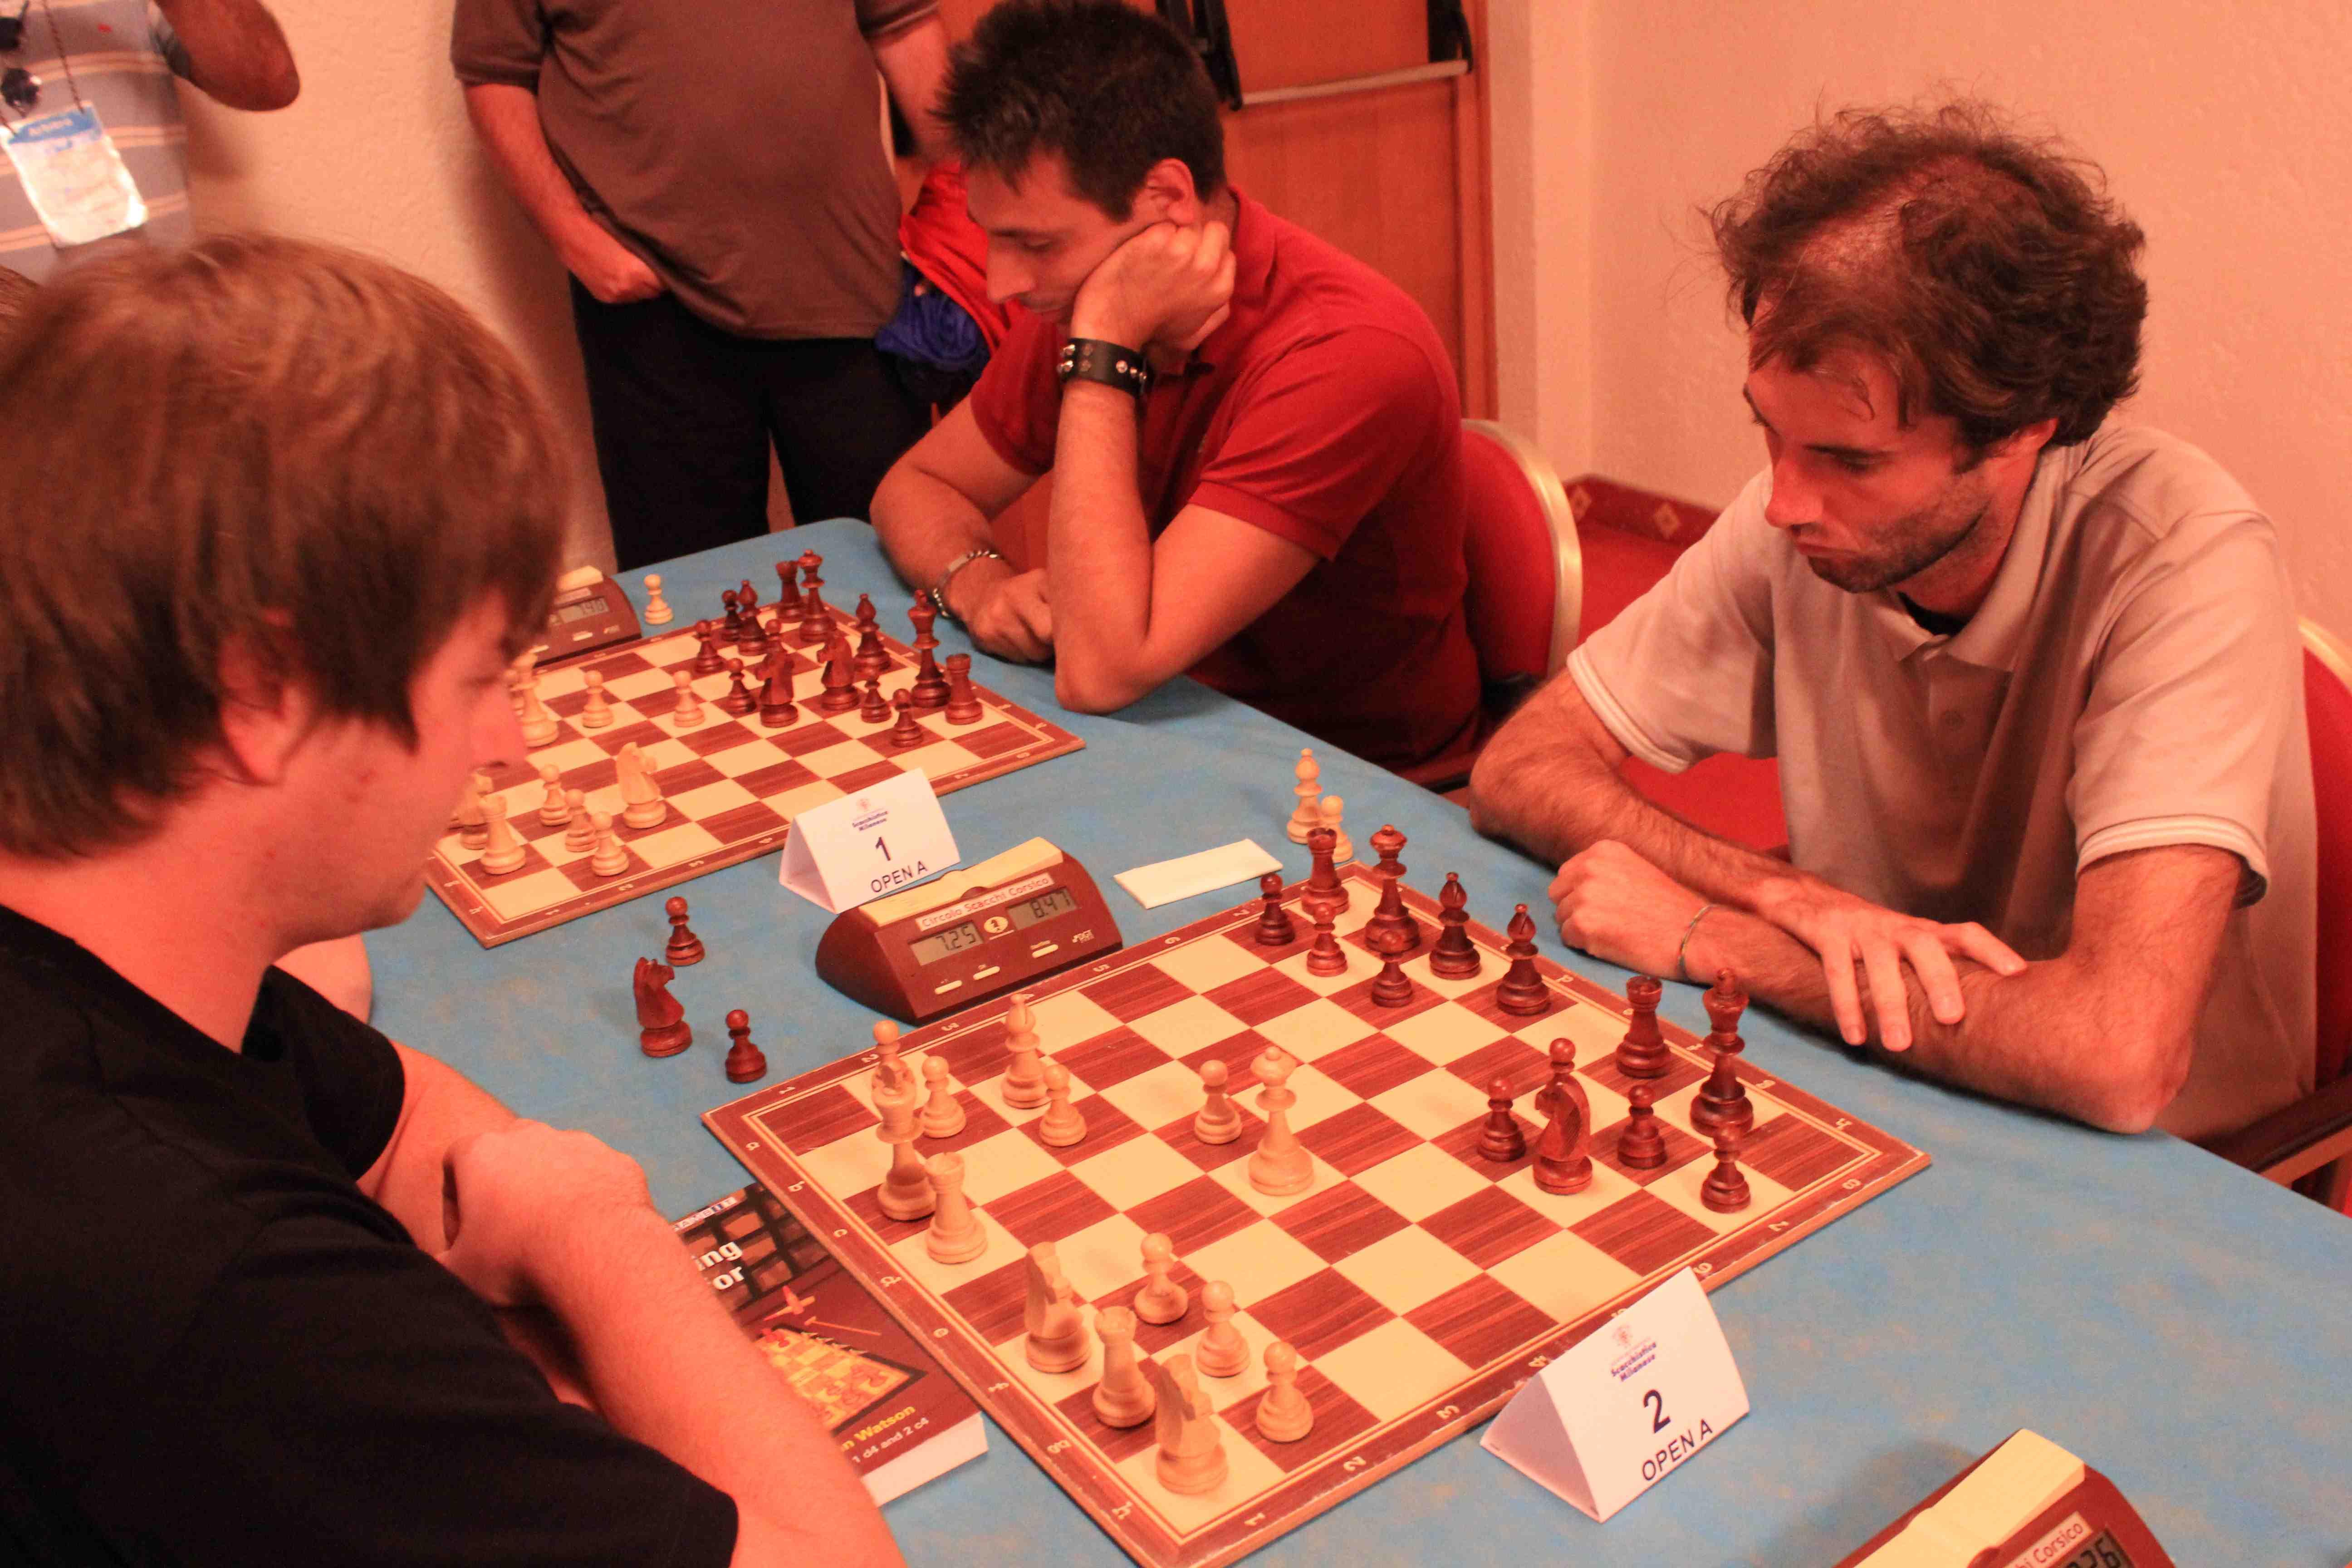 Kravchenko-Francesco Mortola e, in prima scacchiera Massimiliano Autino, quarto classificato. Foto di Volfango Rizzi (SPQeR).